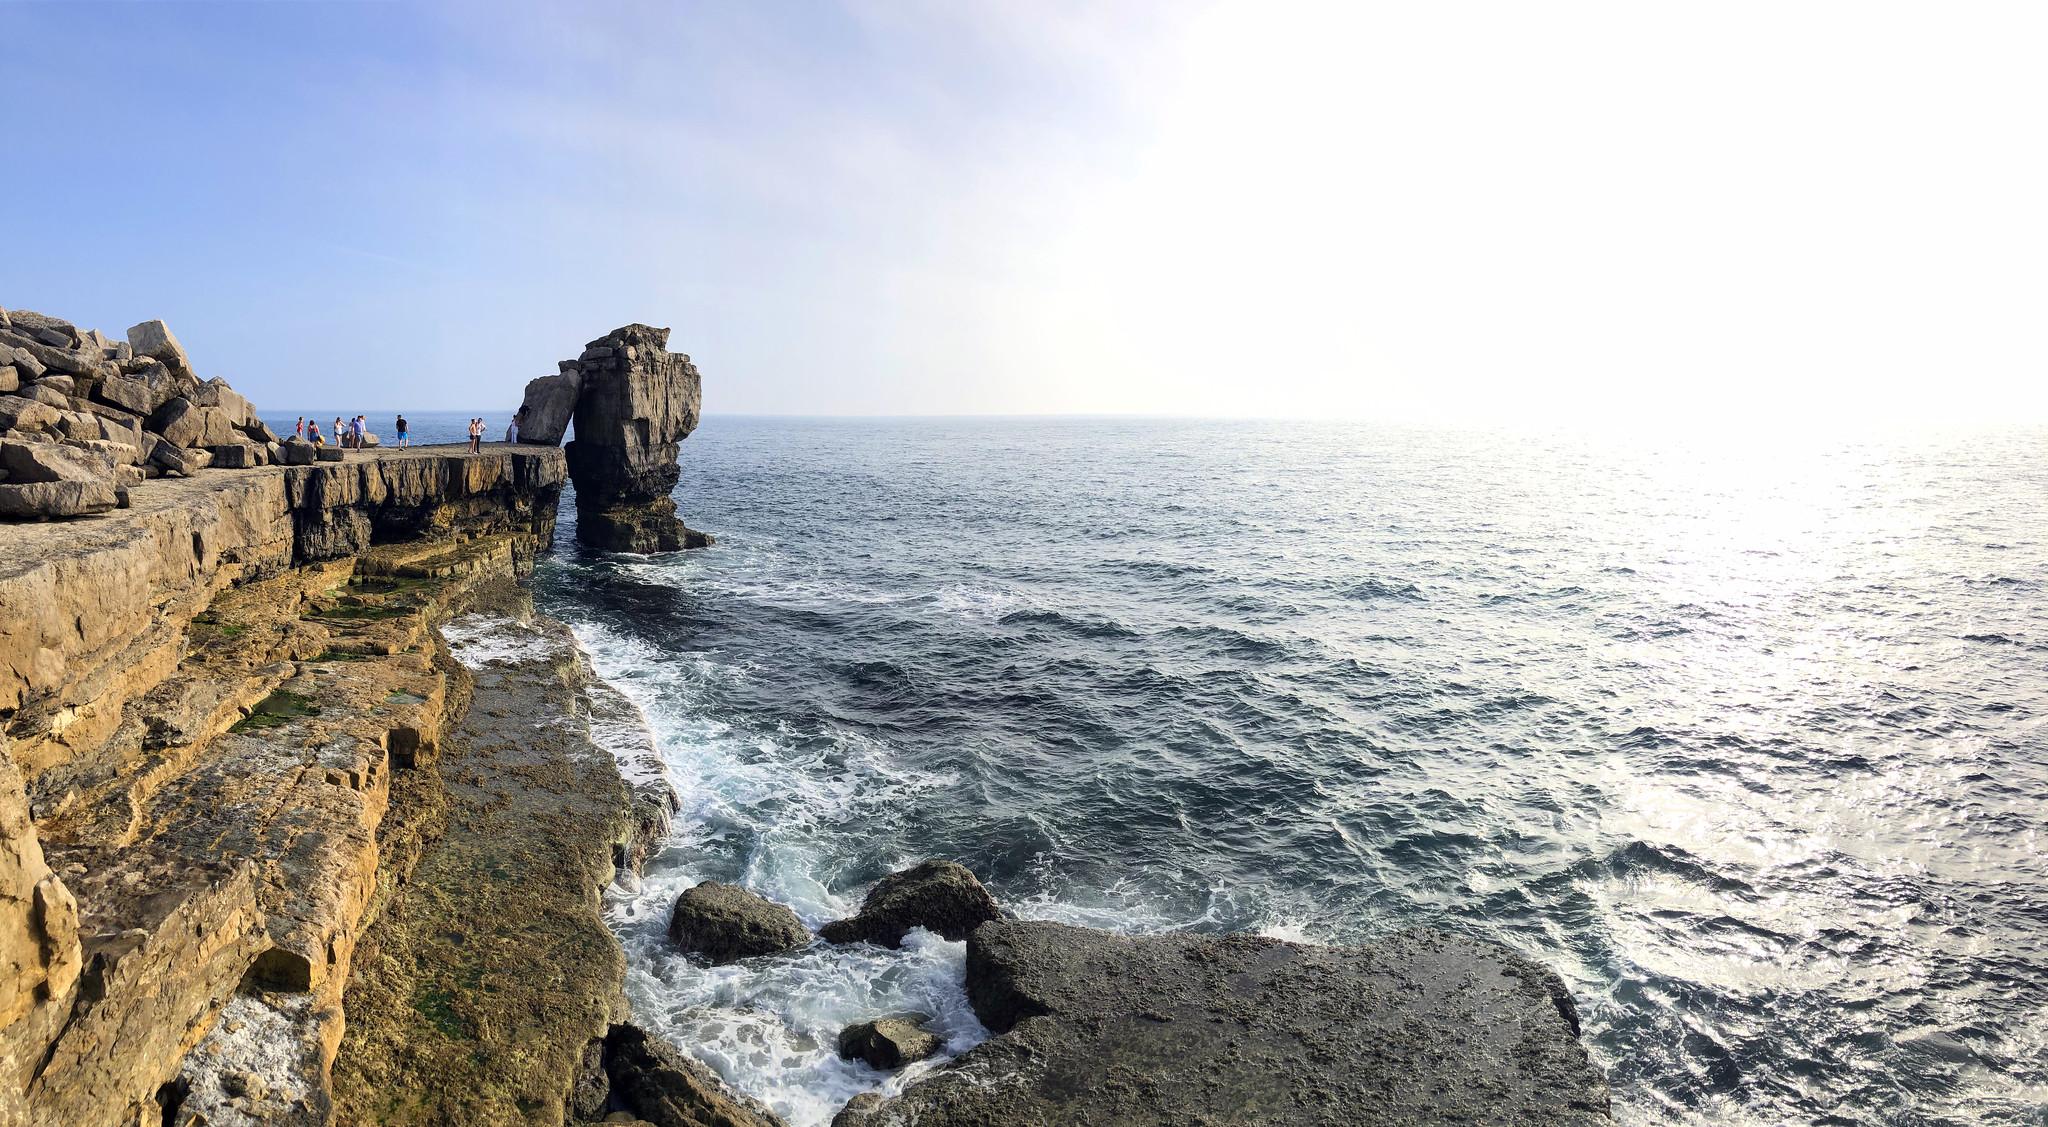 Costa Jurásica de Inglaterra - Thewotme costa jurásica - 50062182987 99b3ed1084 k - Costa Jurásica de Inglaterra, un viaje de millones de años